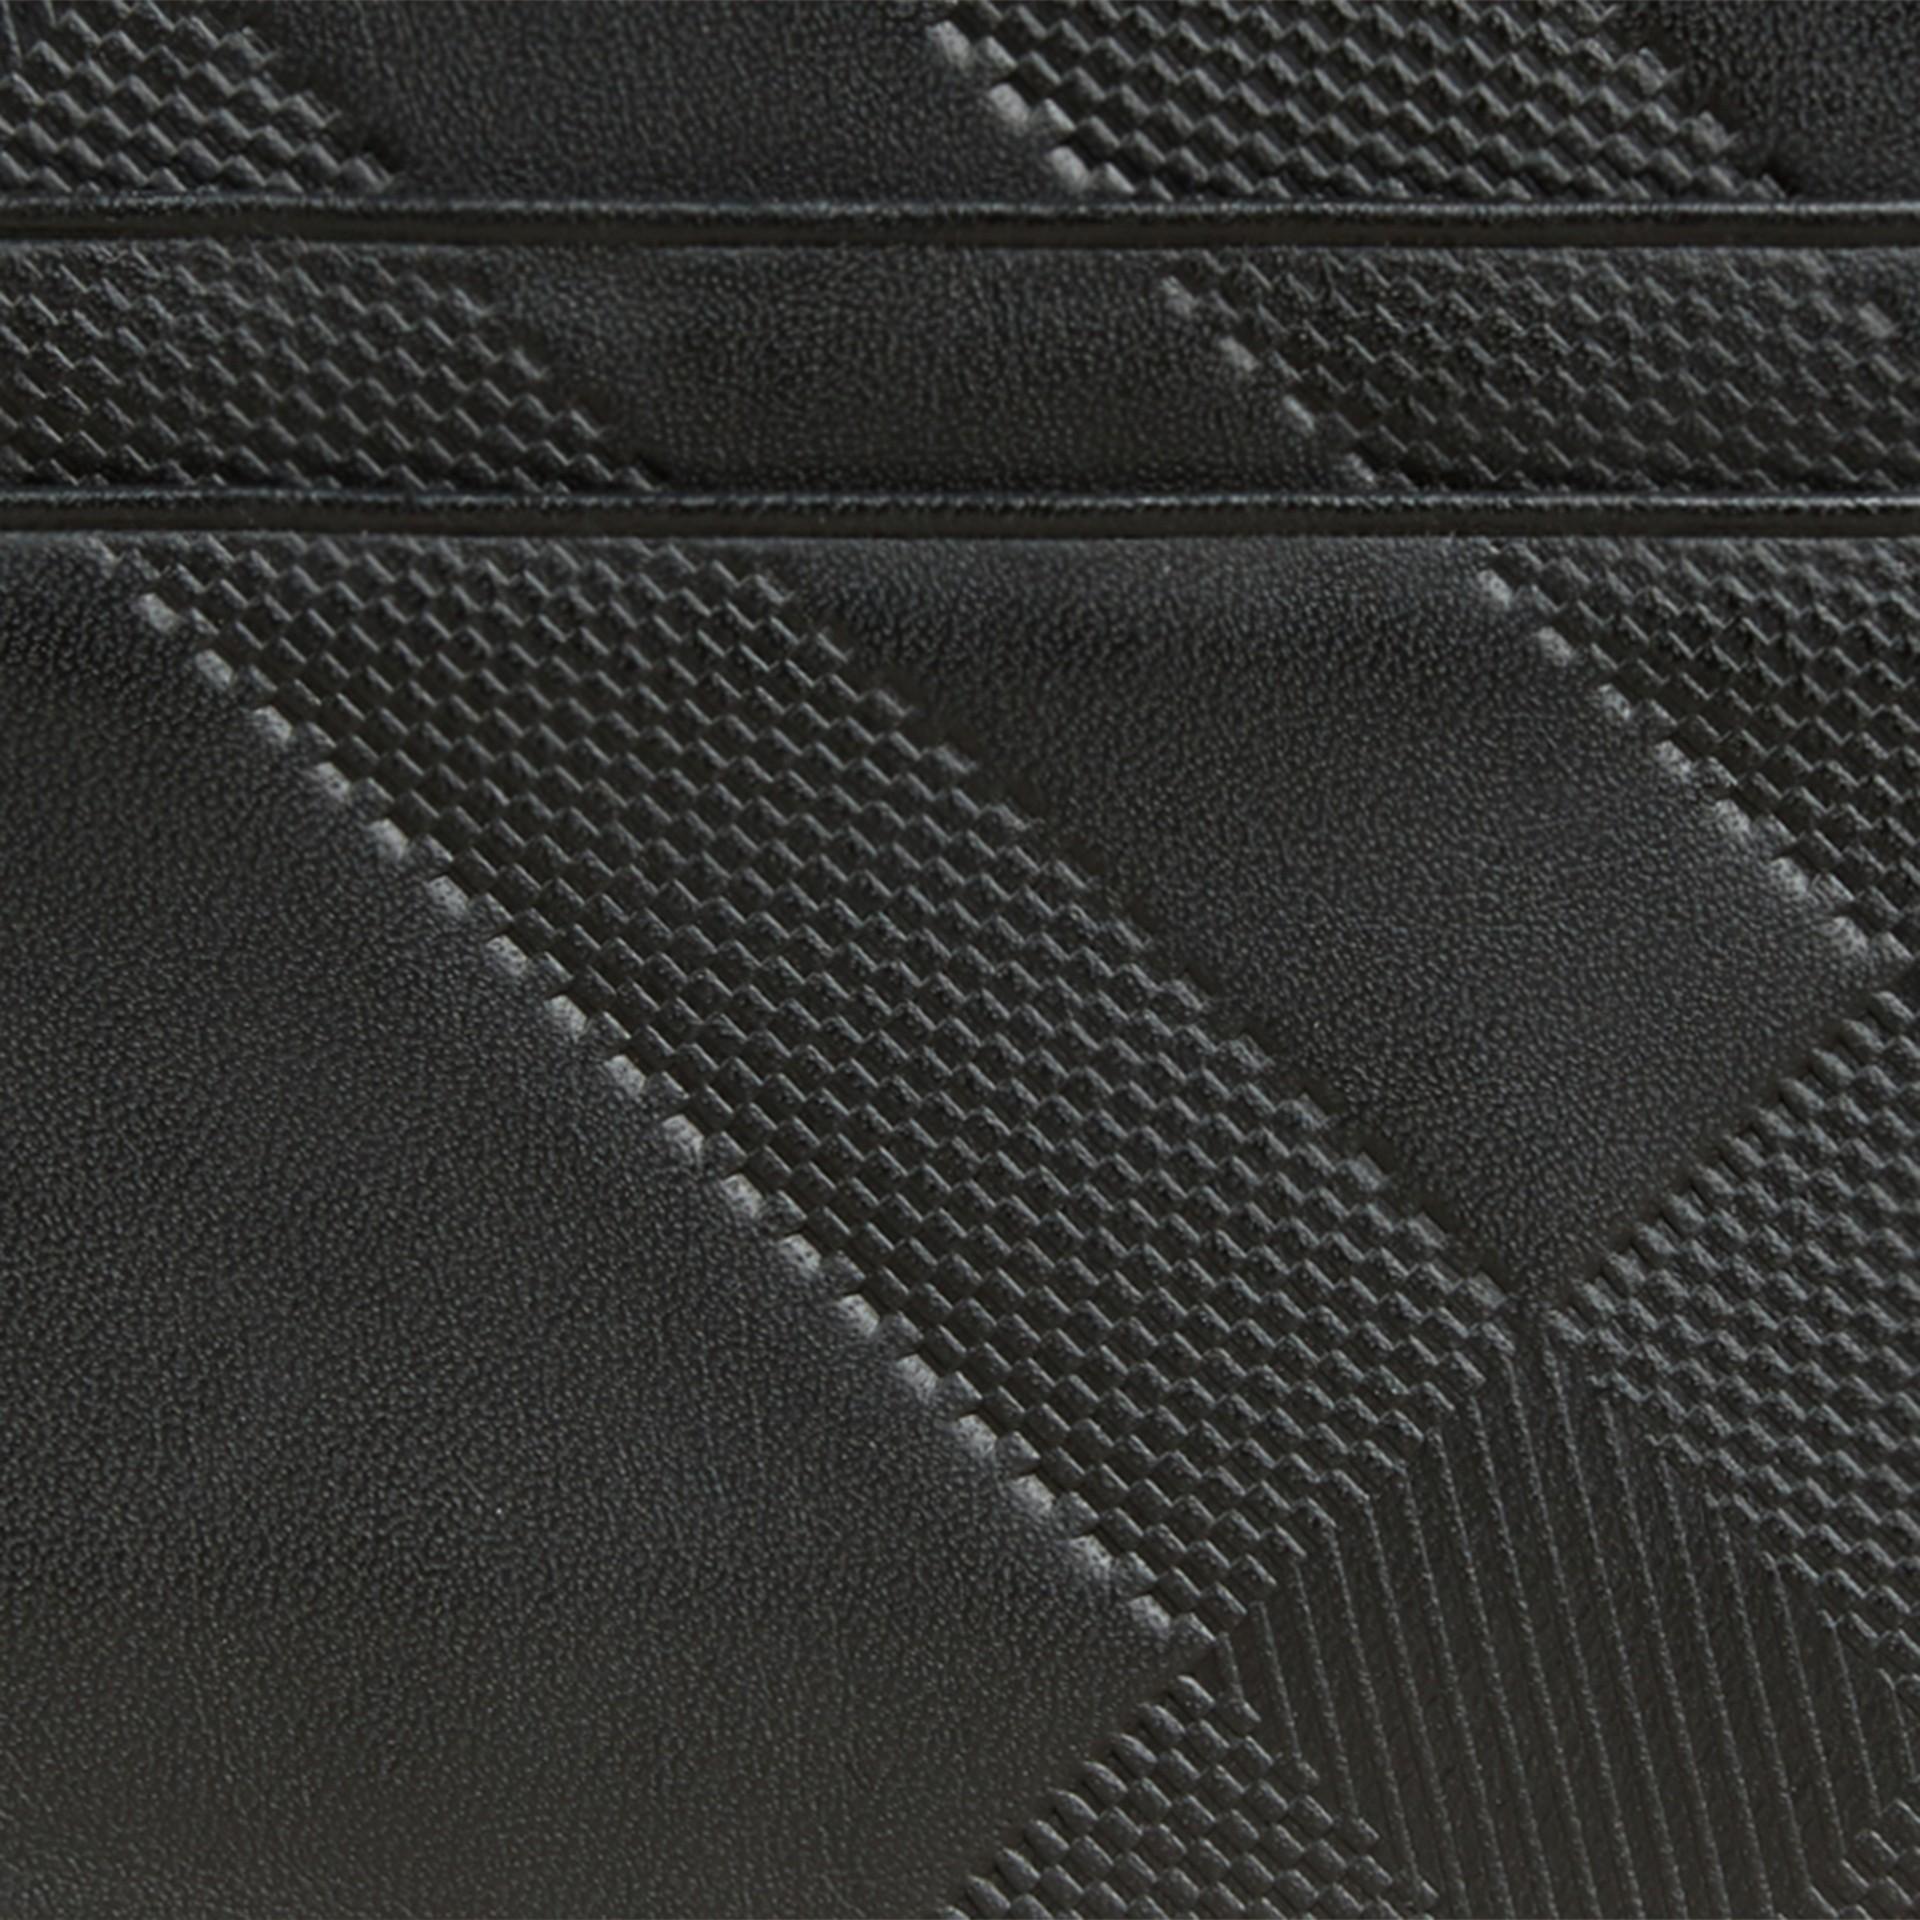 Noir Porte-cartes en cuir à motif check en relief Noir - photo de la galerie 2